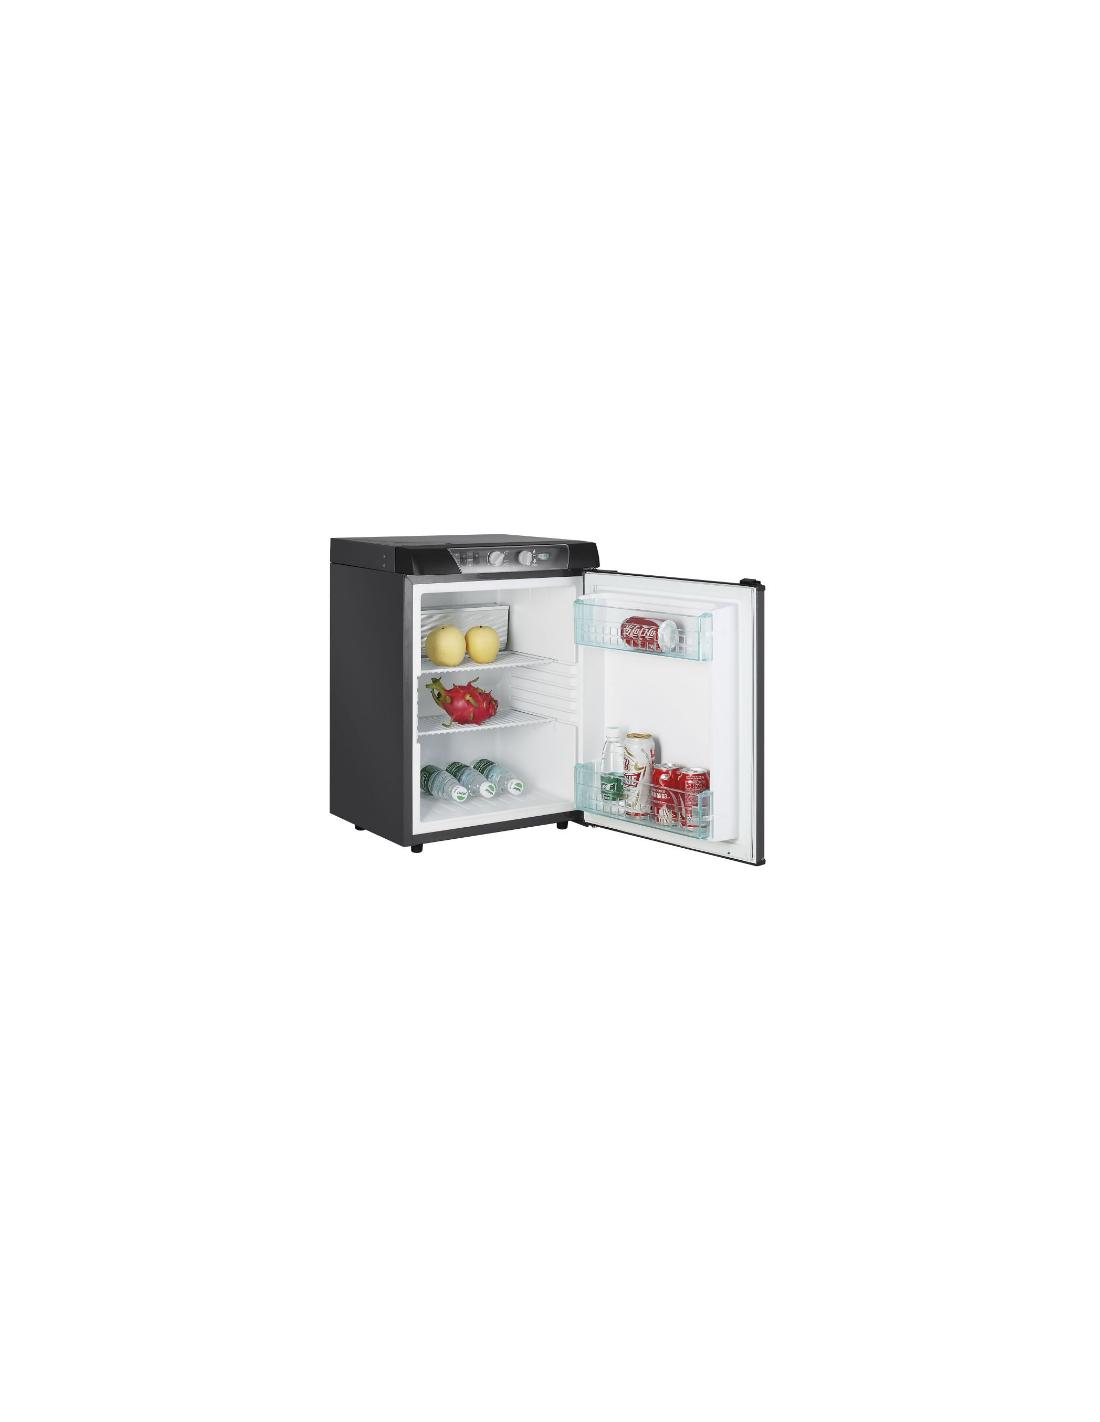 frigor fico geleira trivalente 60 litros midland tienda. Black Bedroom Furniture Sets. Home Design Ideas